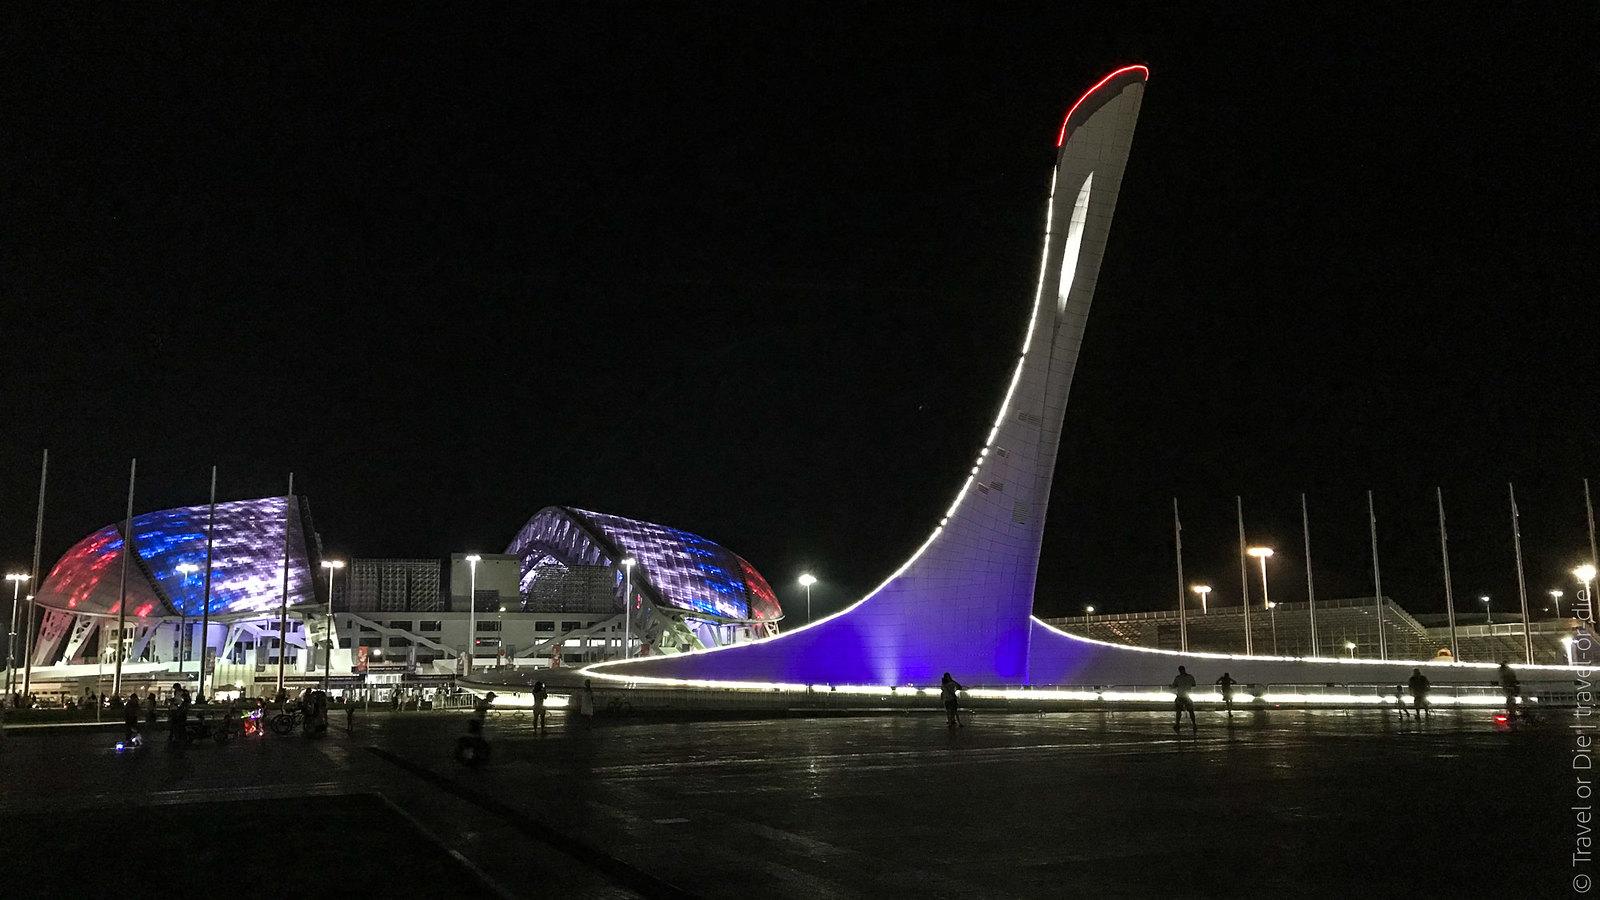 Олимпийский-парк-в-Сочи-Olympic-Park-Sochi-5611